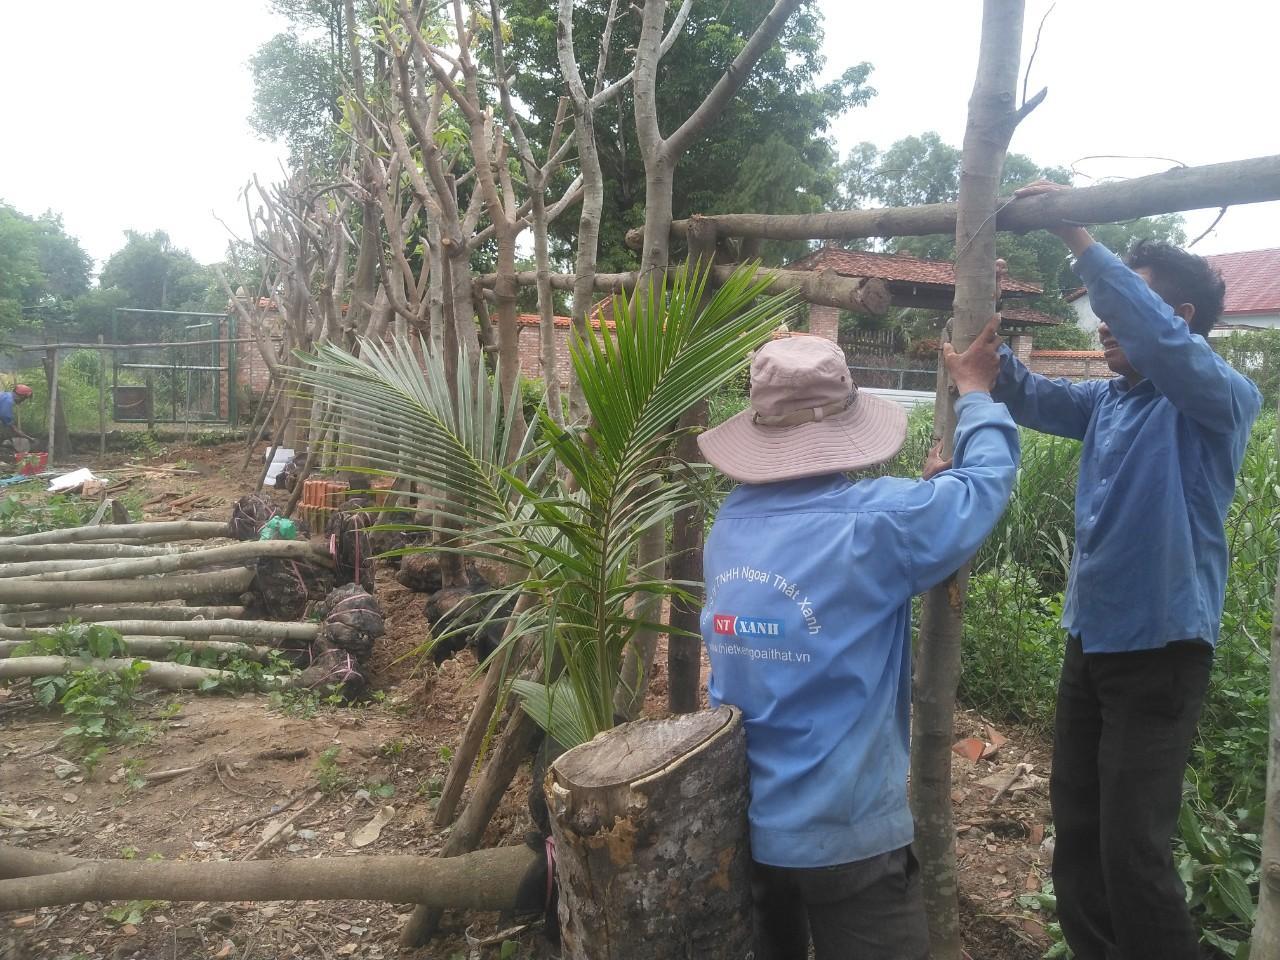 Dịch vụ trồng cỏ cây xanh từ Ngoại Thất Xanh